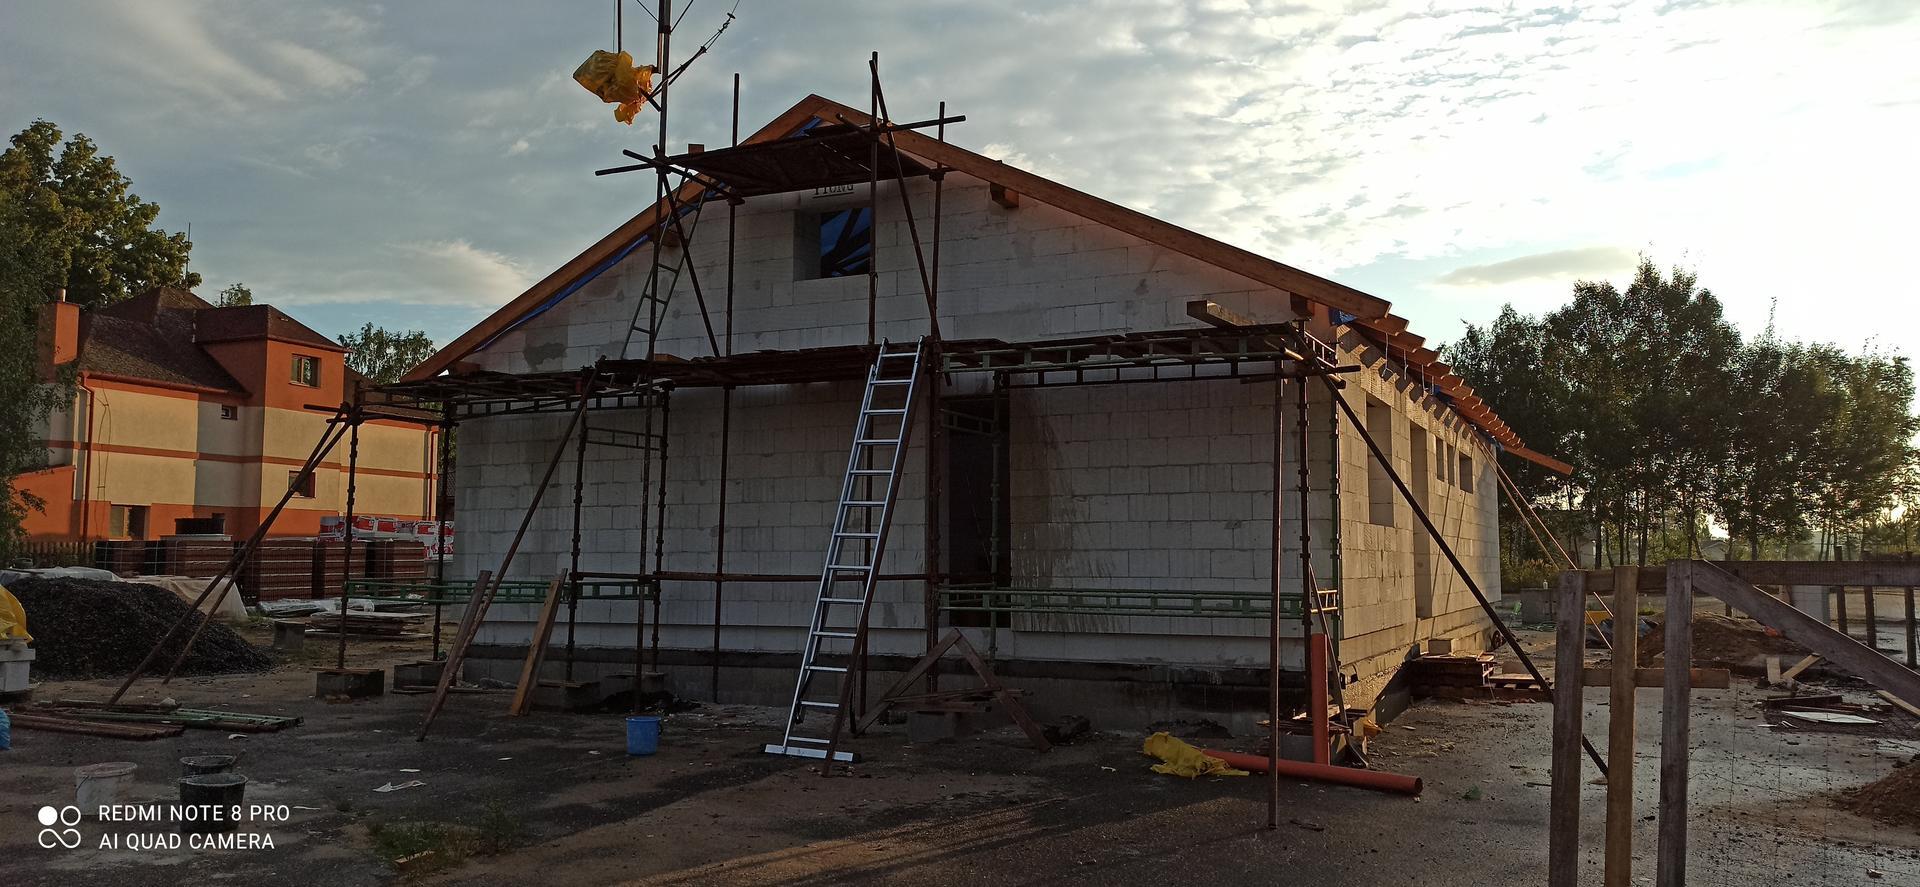 Střecha - ještě tu krytinu, okna, dveře a bude to vypadat jak dům